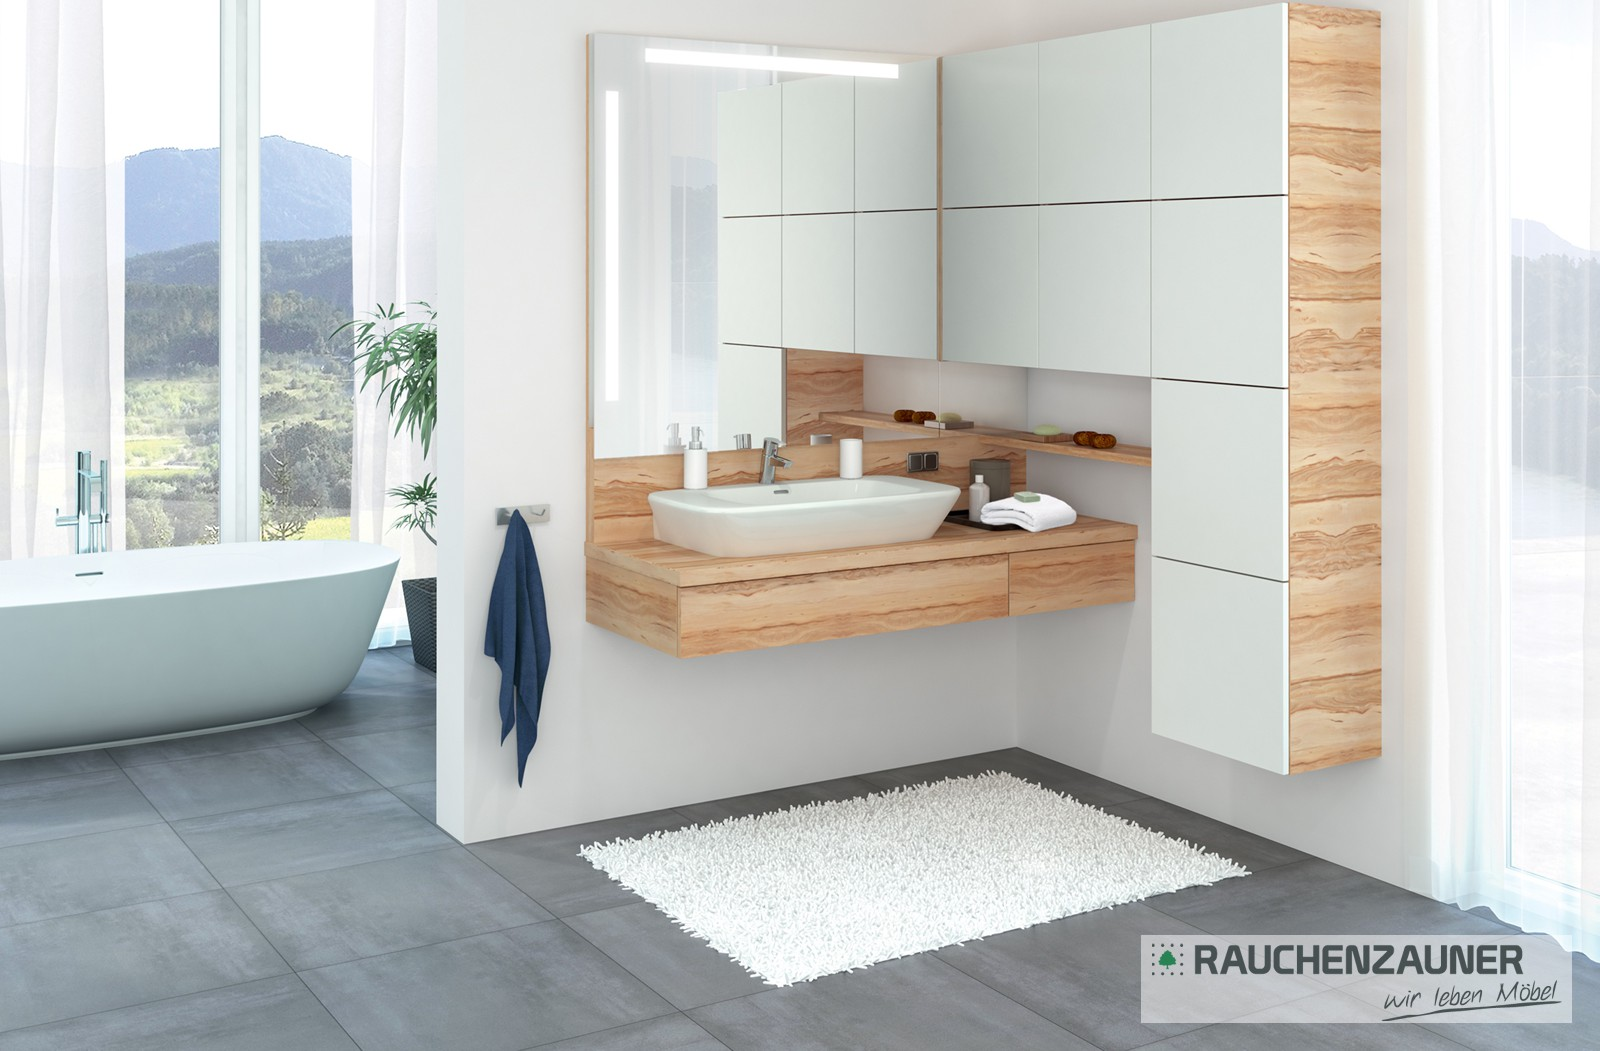 badezimmer vom tischler: bad-möbel kaufen nahe amstetten, Badezimmer dekoo